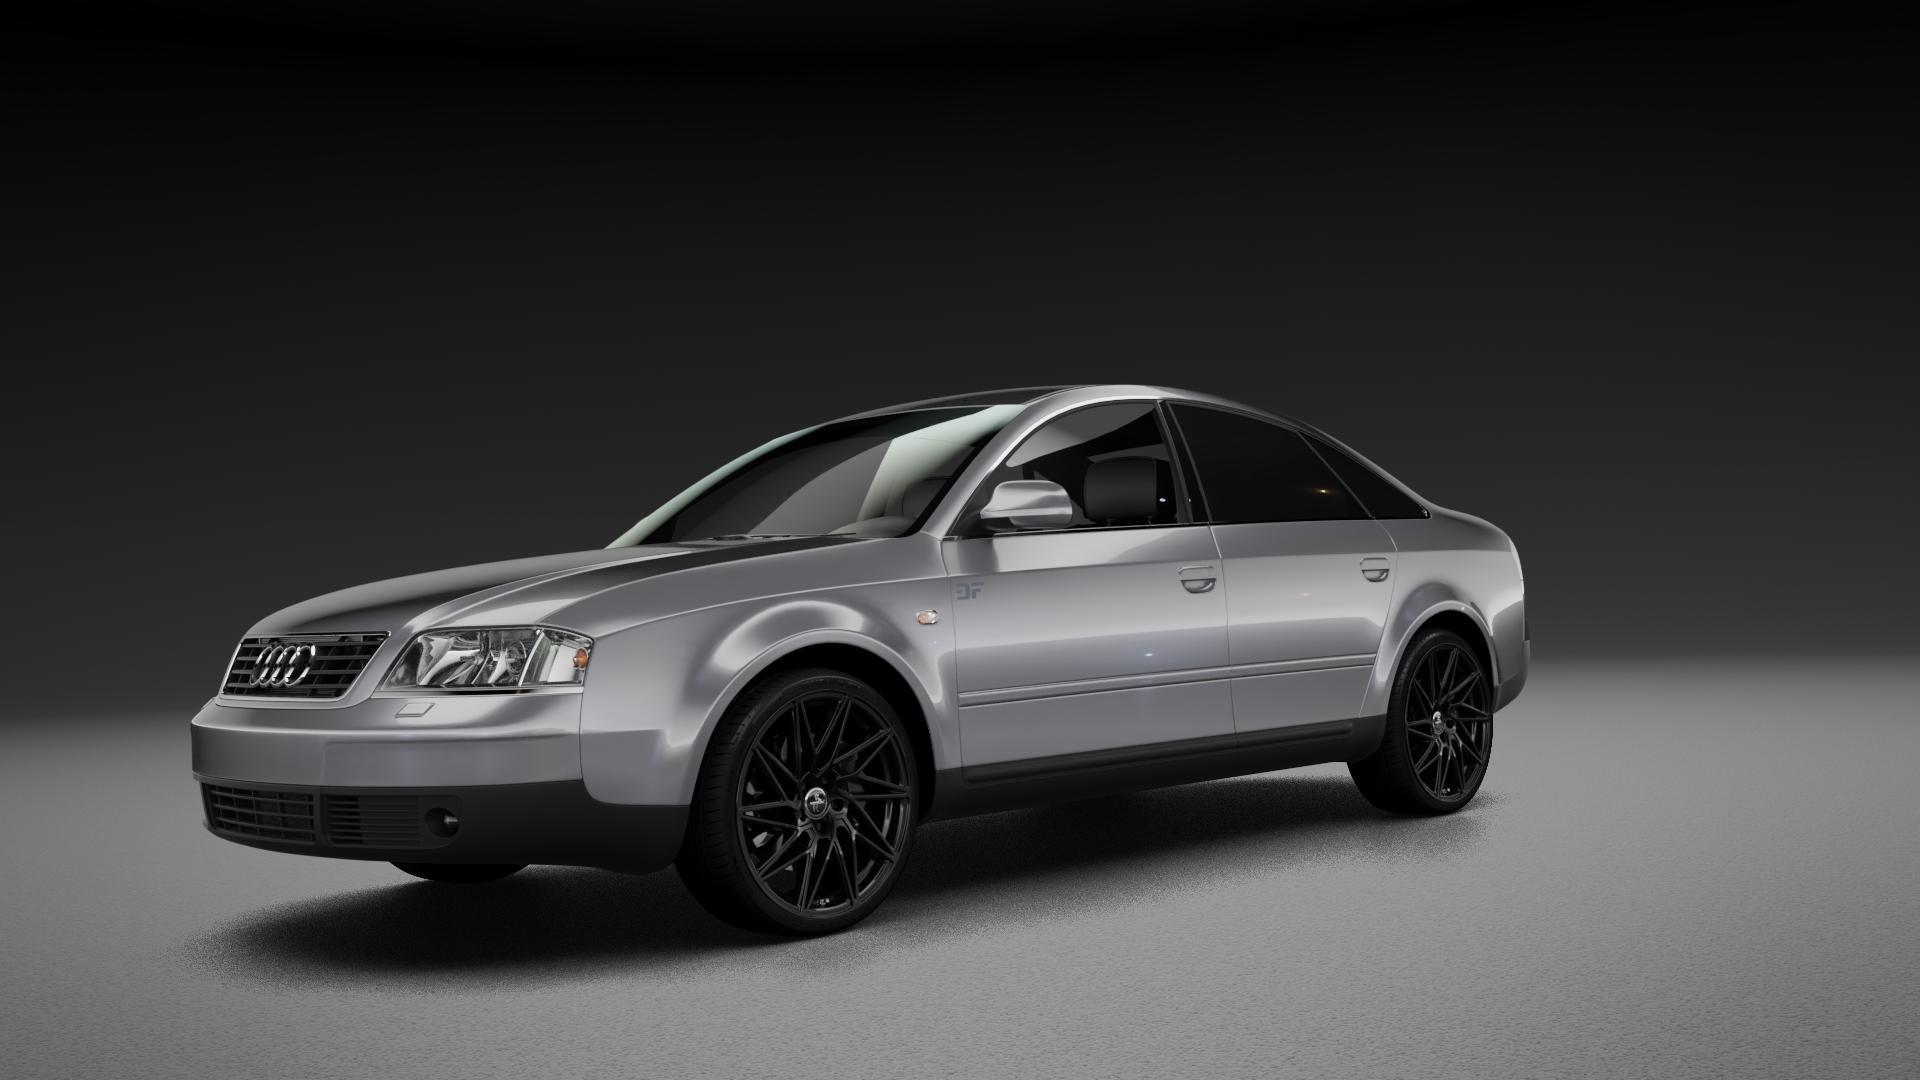 KESKIN KT20 BLACK PAINTED Felge mit Reifen schwarz in 19Zoll Winterfelge Alufelge auf silbernem Audi A6 Typ 4B/C5 (Limousine) ⬇️ mit 15mm Tieferlegung ⬇️ Neutral_mid_max5300mm Frontansicht_1